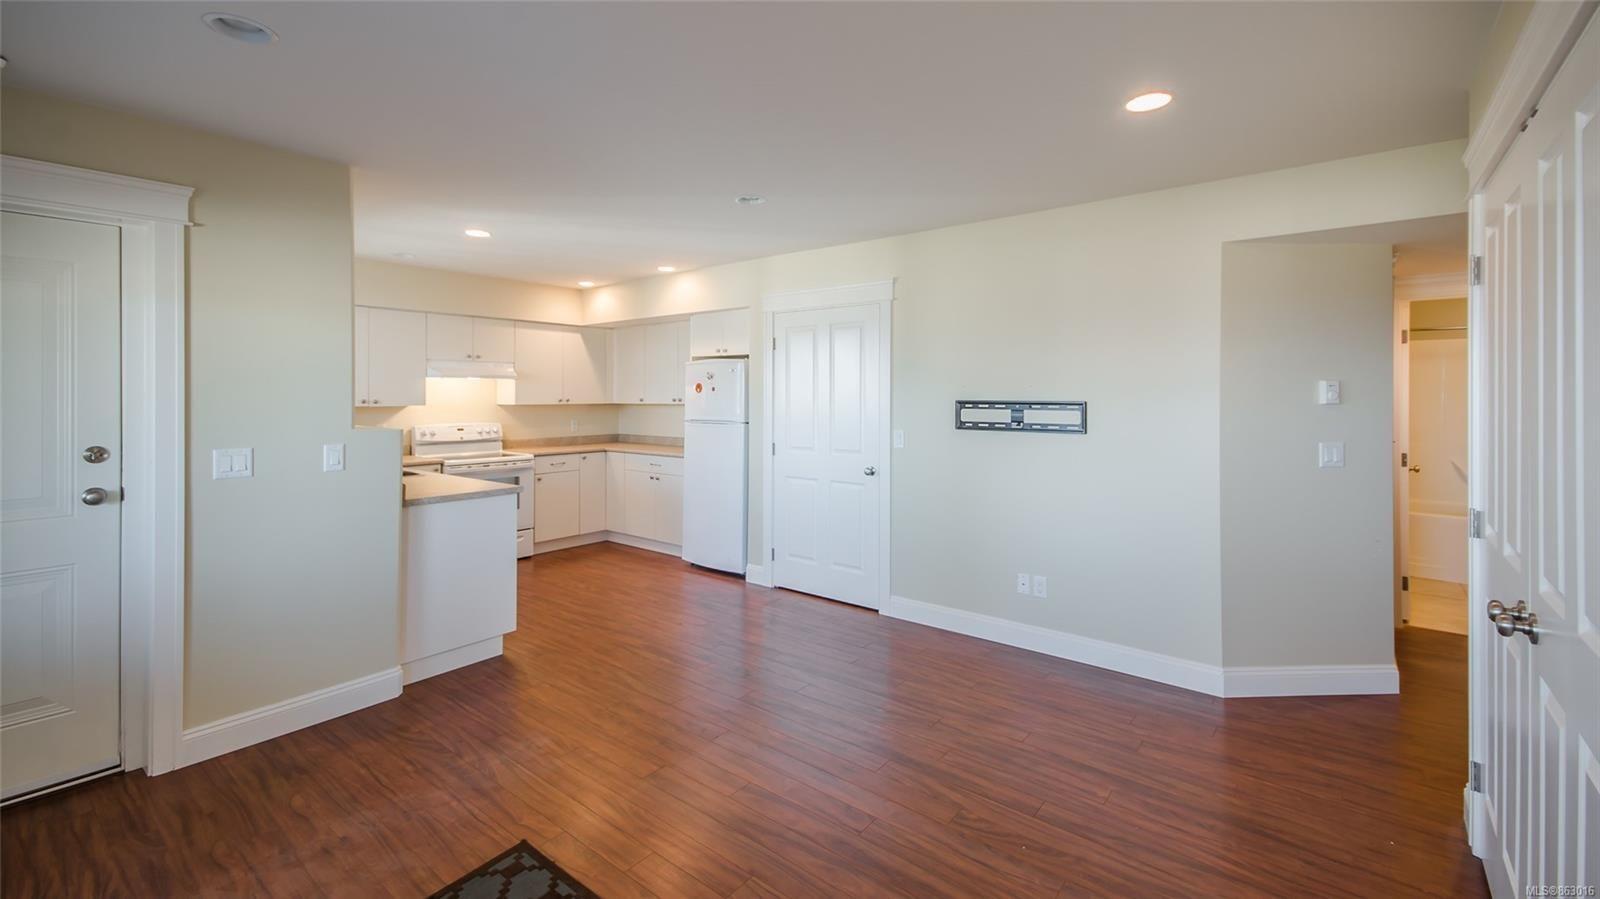 Photo 30: Photos: 5361 Laguna Way in : Na North Nanaimo House for sale (Nanaimo)  : MLS®# 863016